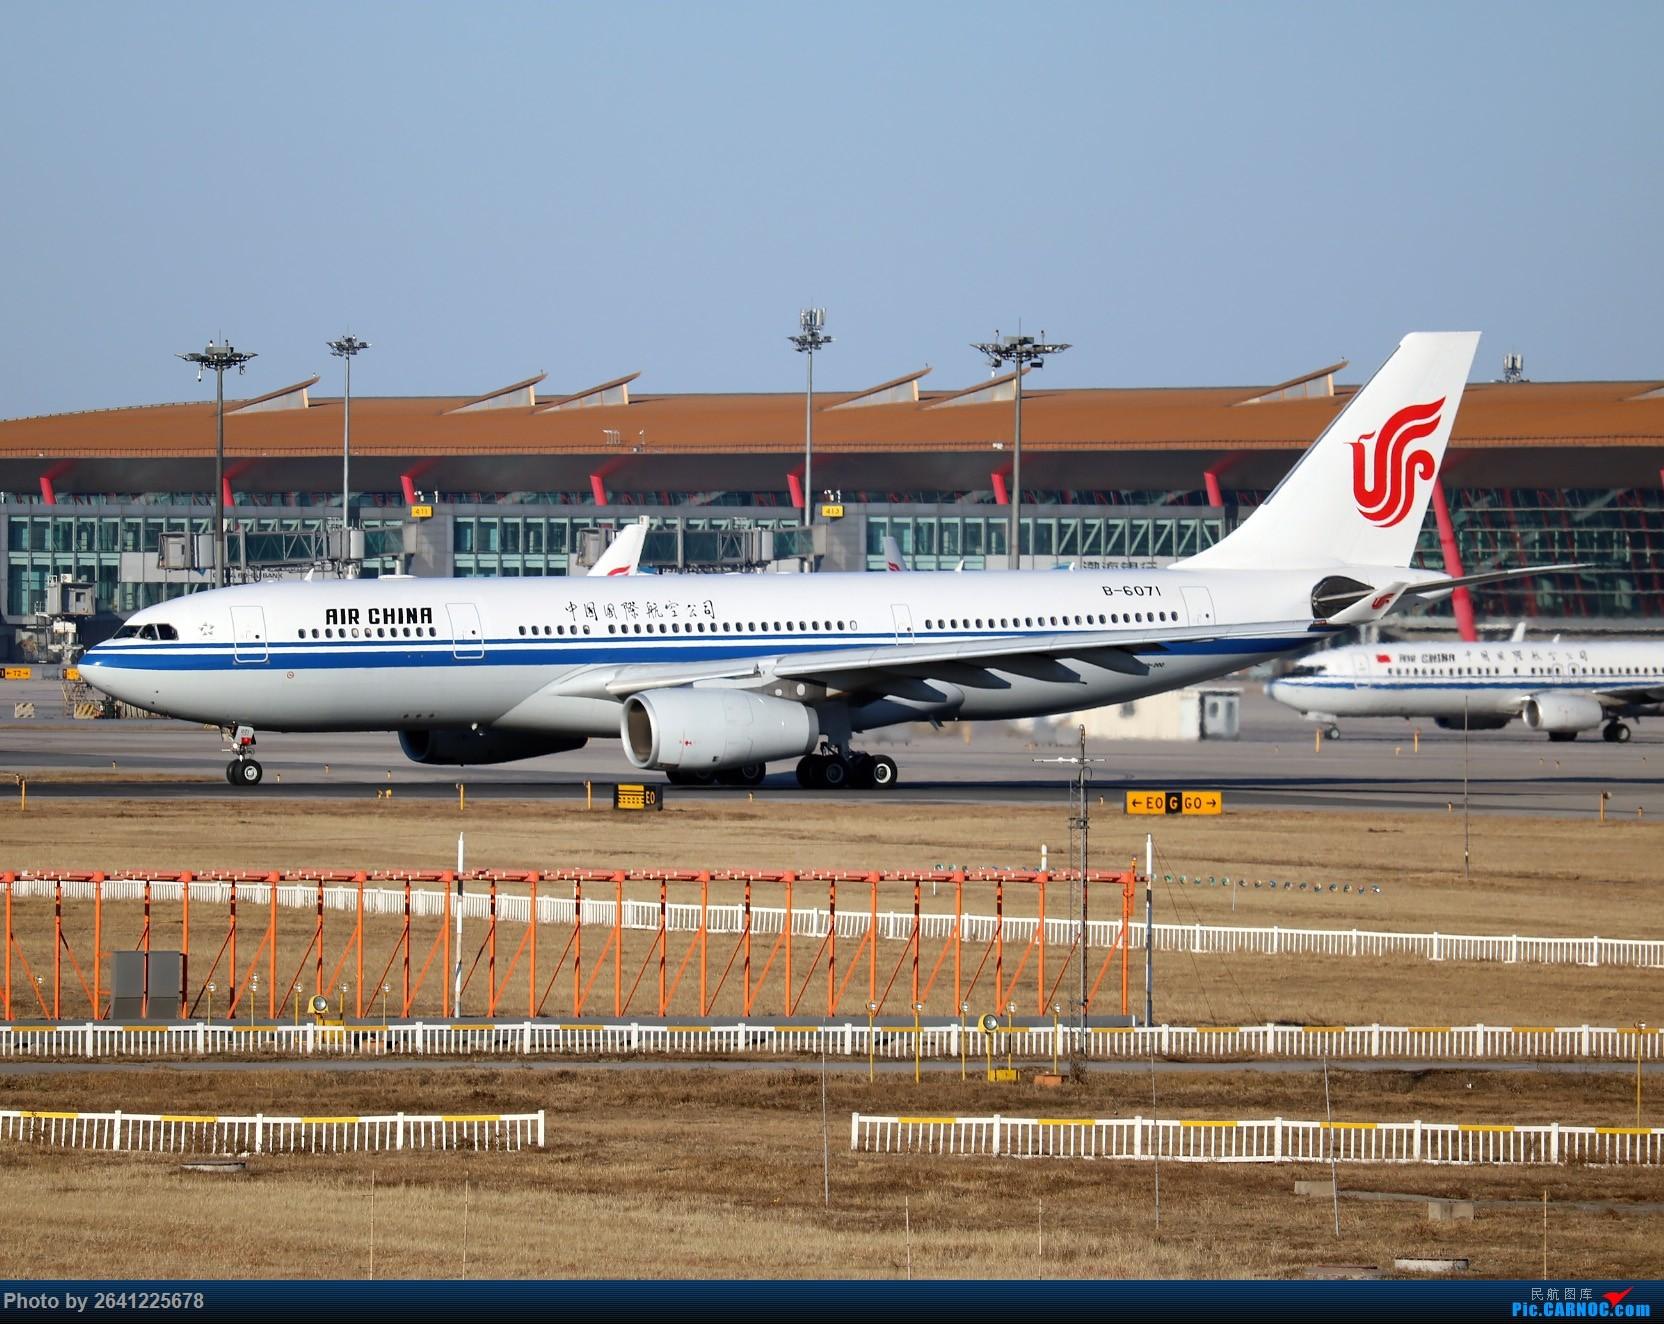 Re:[原创]没事儿修个图 AIRBUS A330-200 B-6071 中国北京首都国际机场